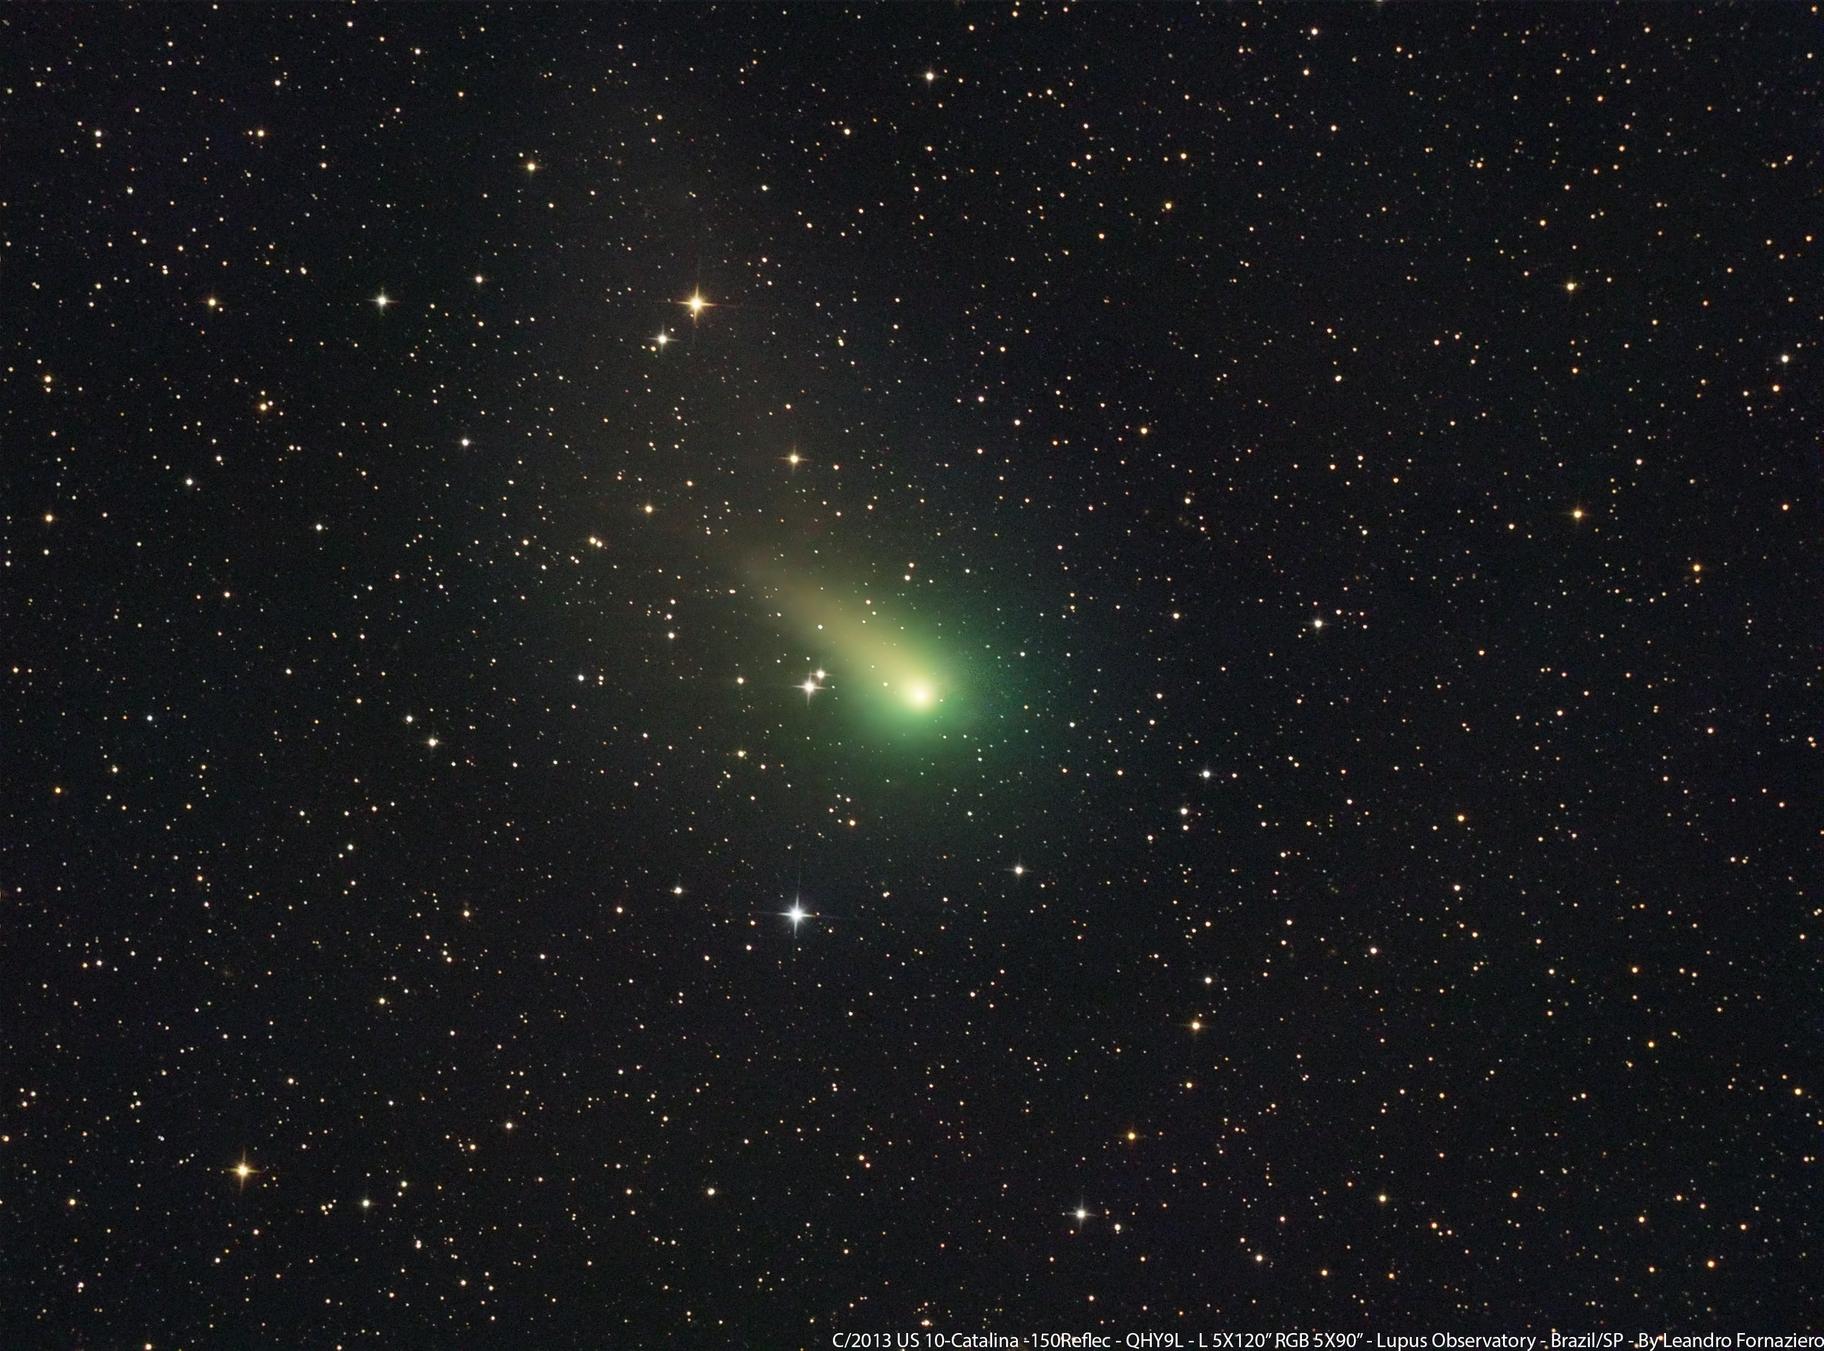 Cometa C/2013 US10 (Catalina) câmera QHY9